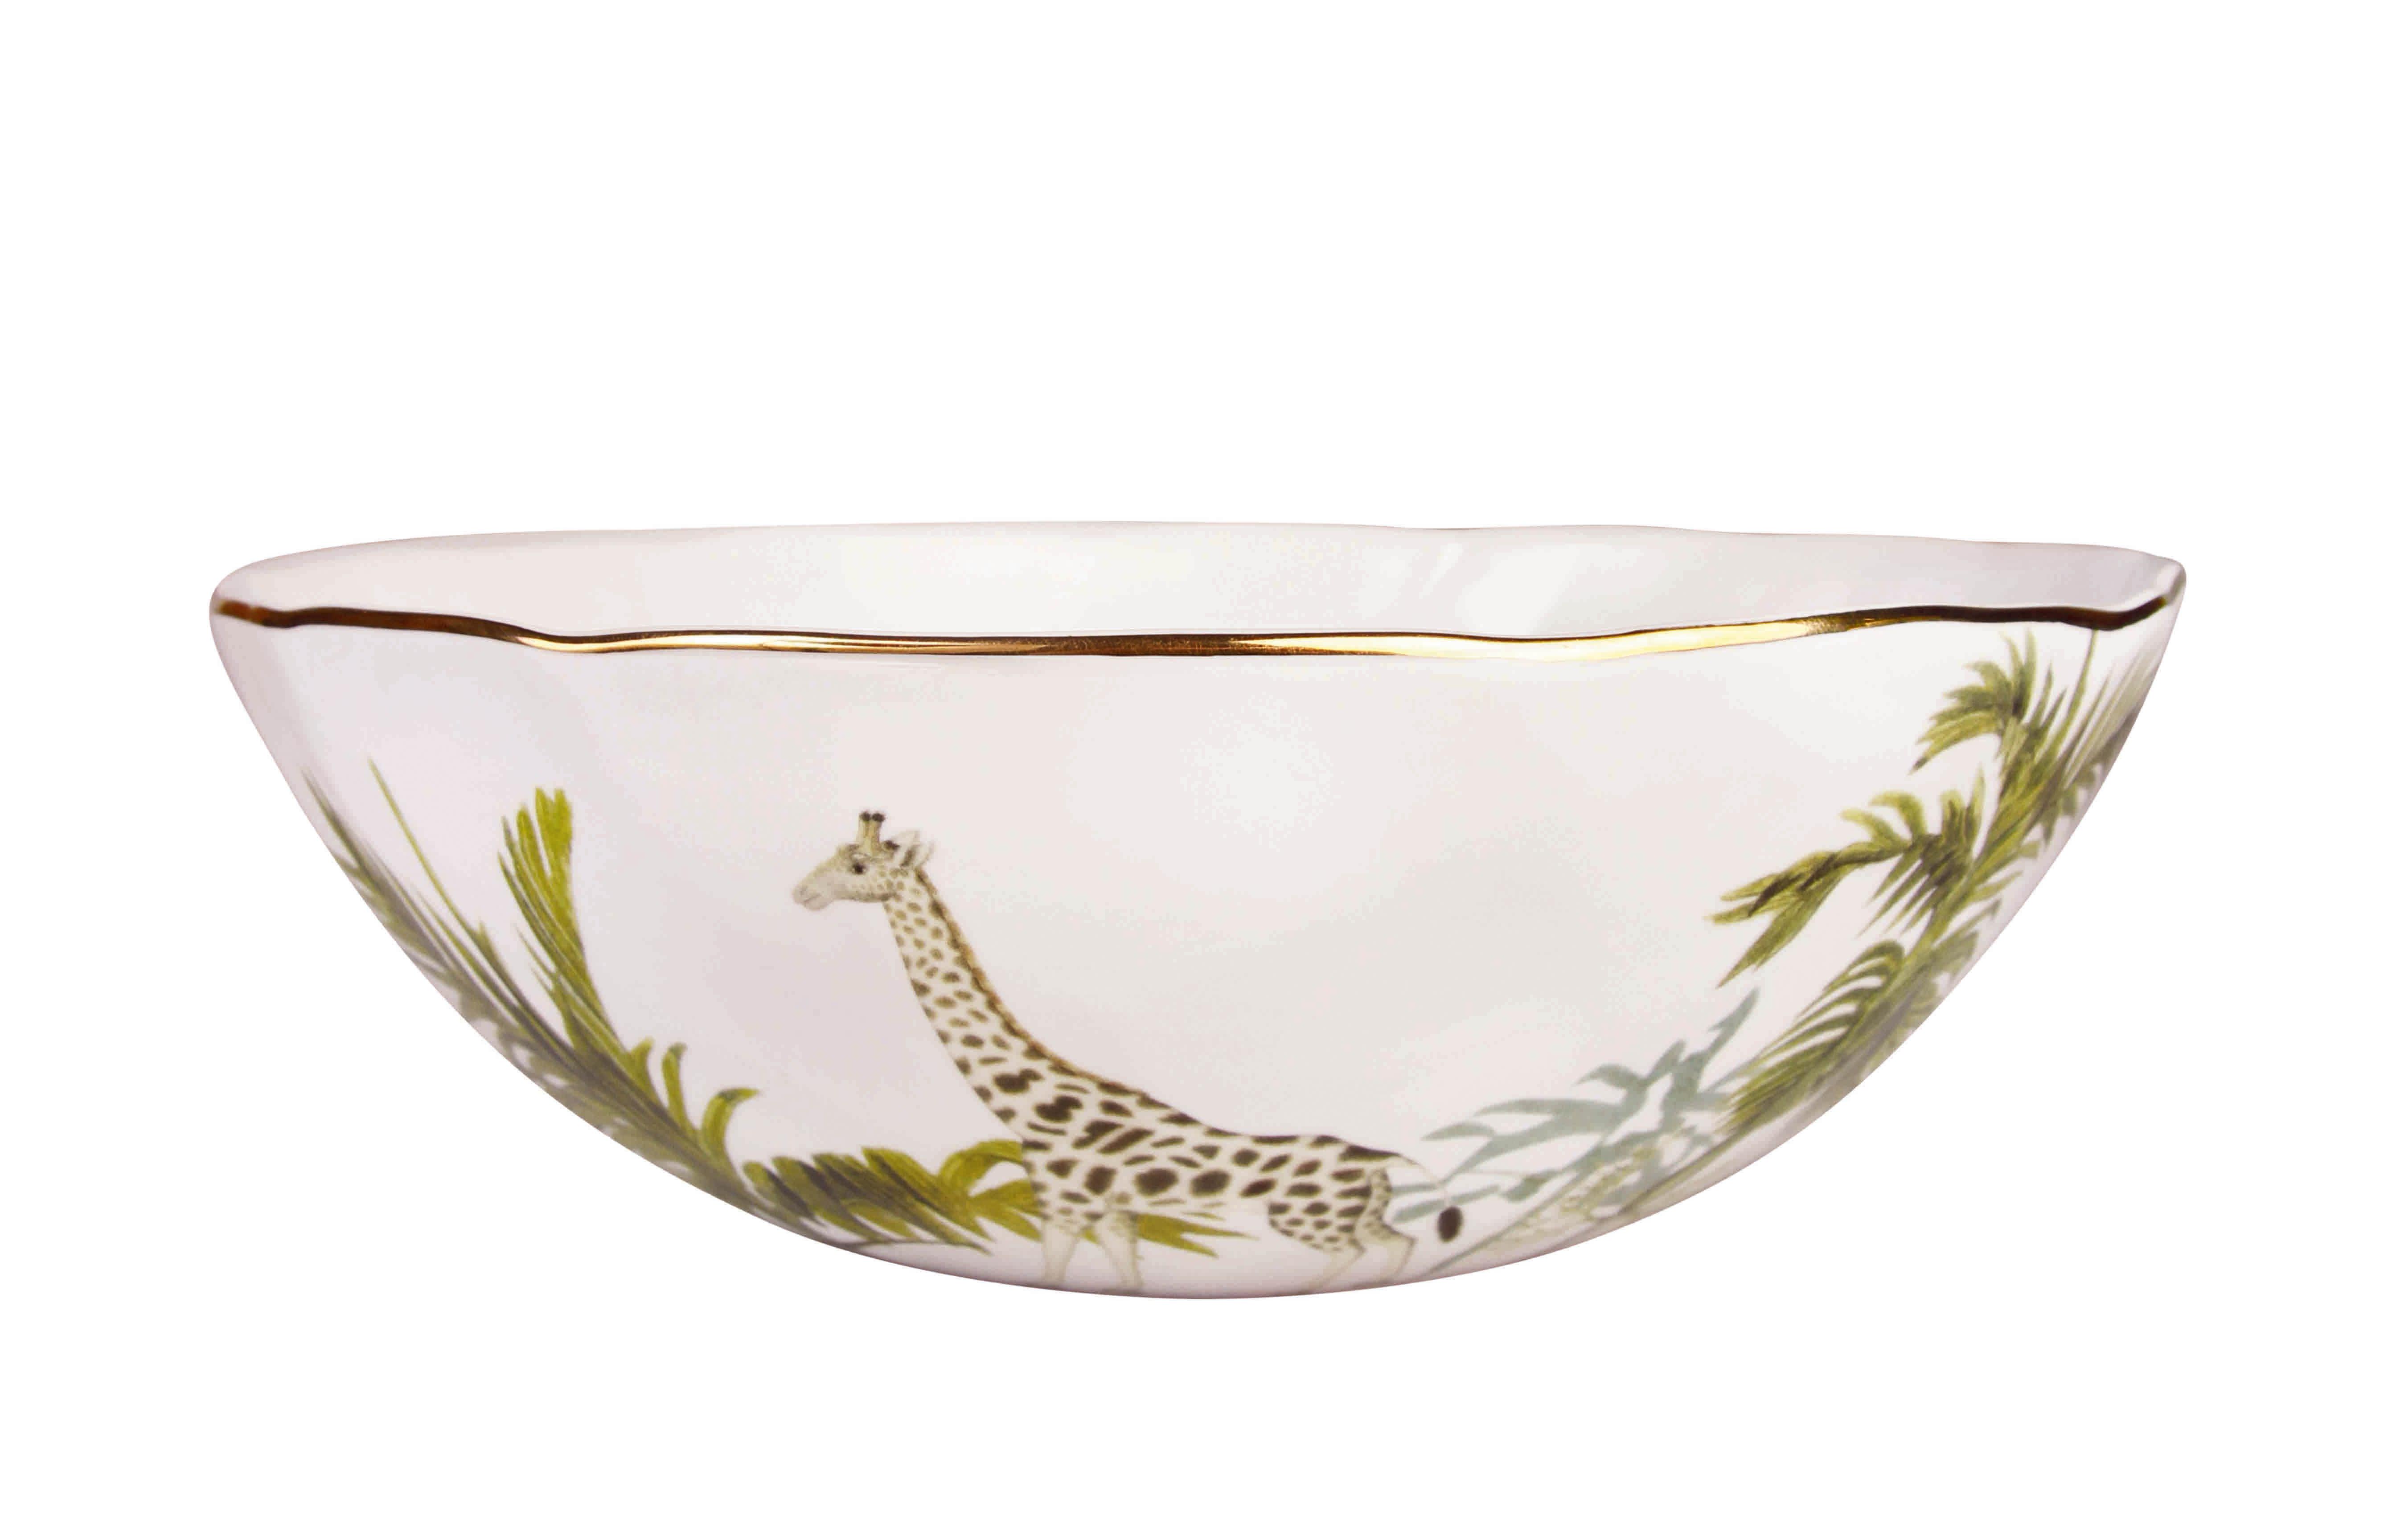 Tavola - Ciotole - Insalatiera Jungle - / Porcellana di & klevering - Jungle / Multicolore - Porcelaine fine